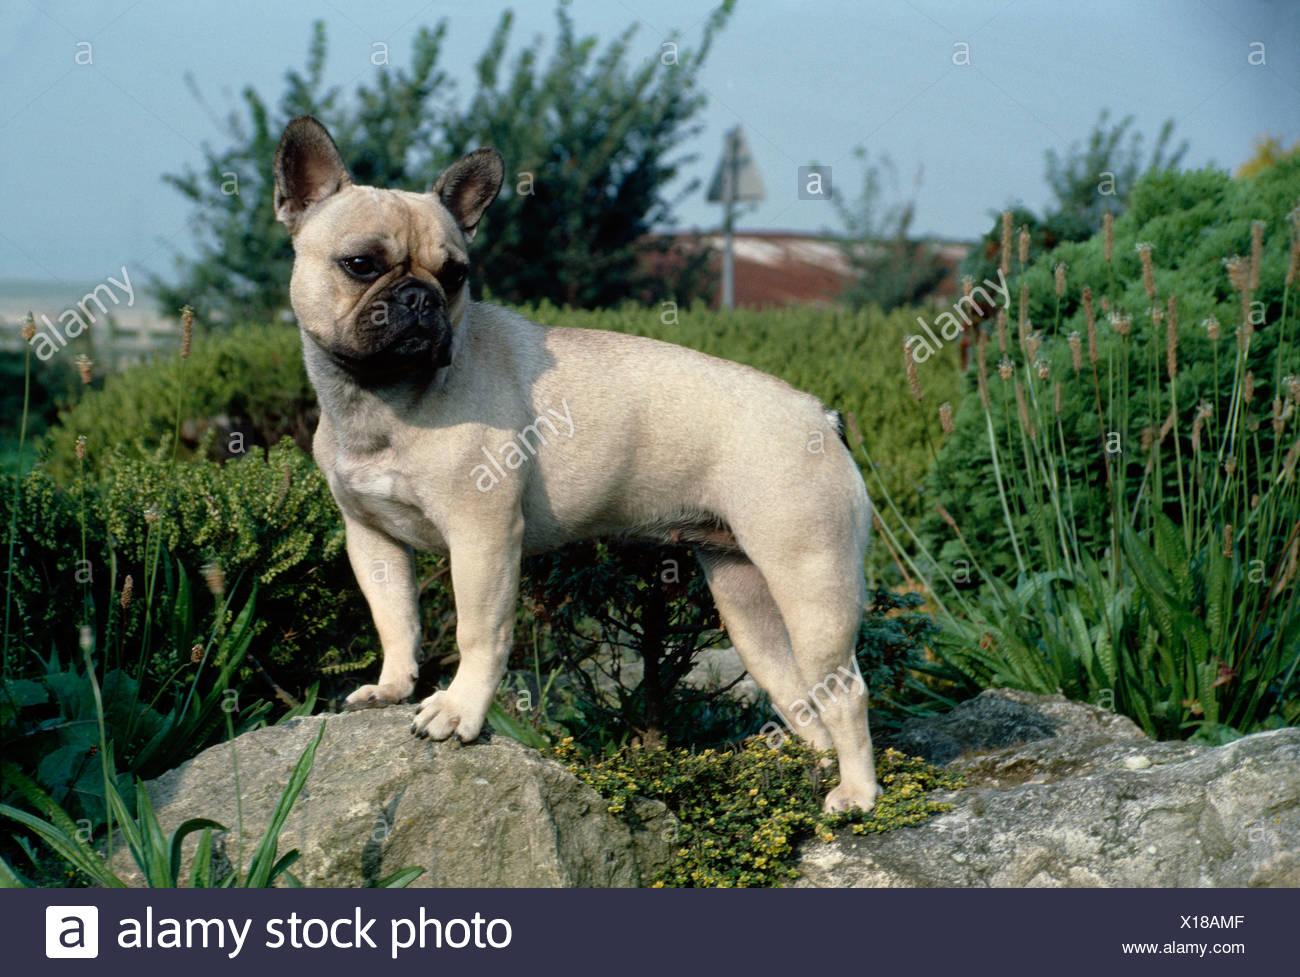 Vista Laterale Di Adulto Fawn Bulldog Francese In Piedi In Giardino